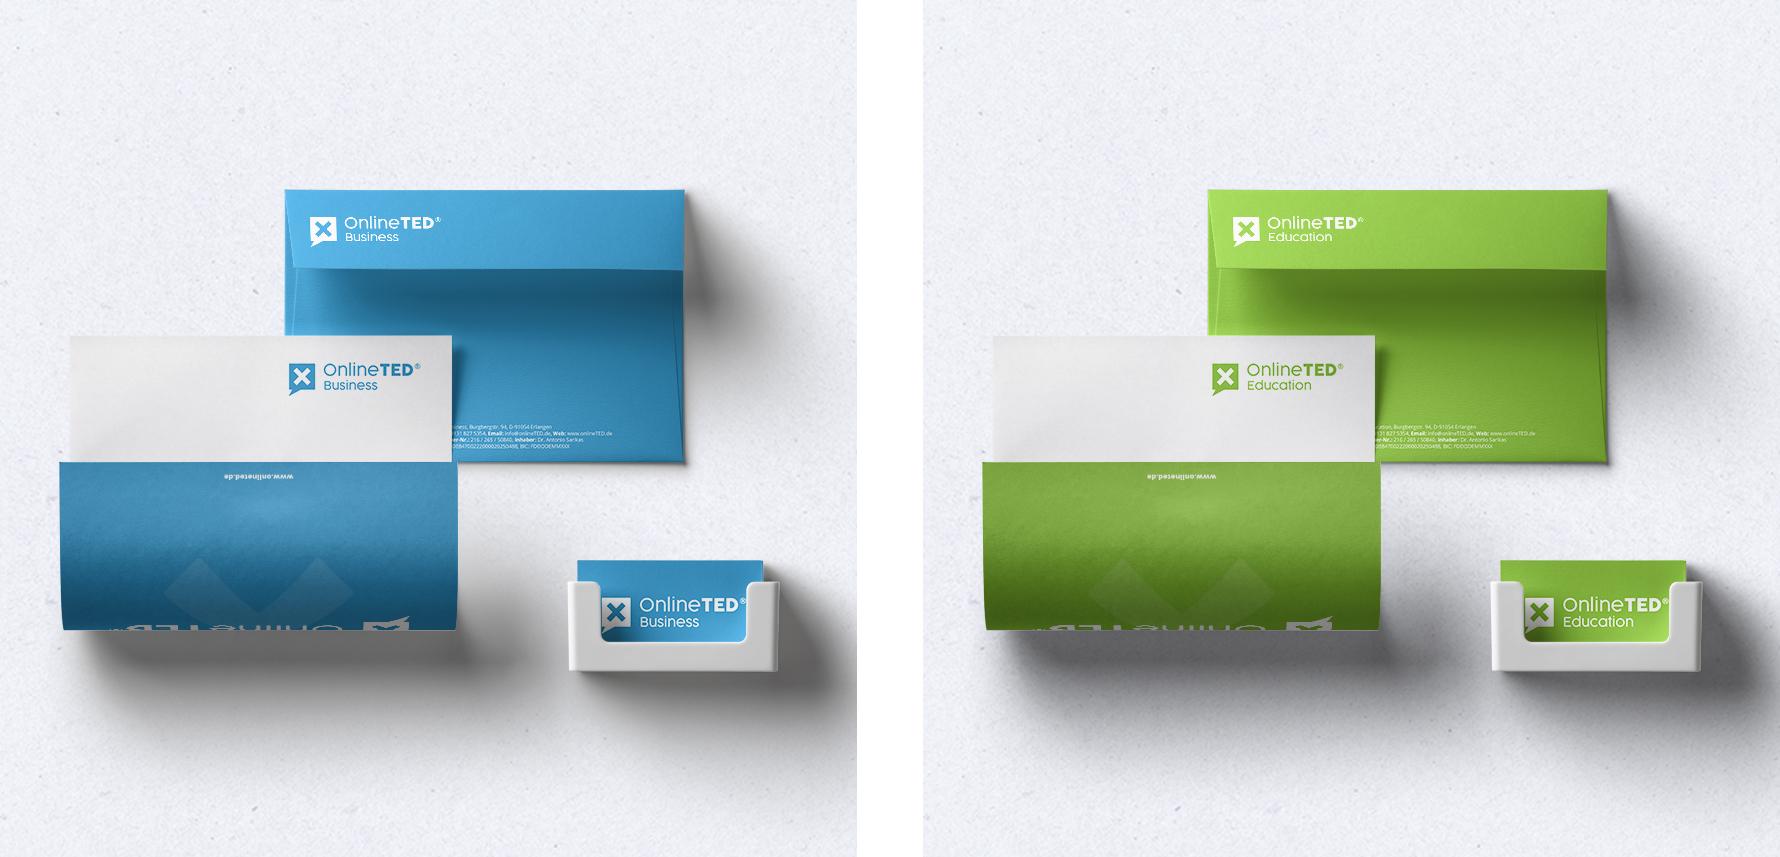 Hüfner Design   Referenz OnlineTED   Stationary